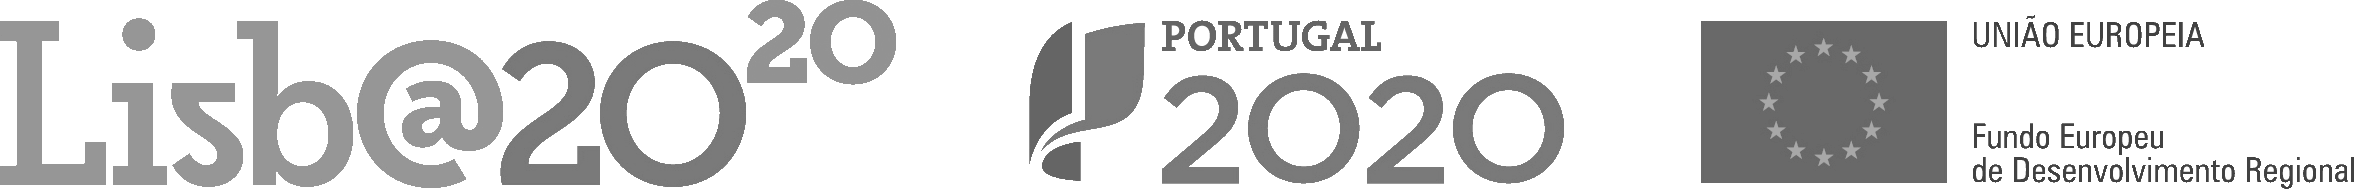 Portugal 2020 - Designação Social: ONCE UPON A TARTE, LDA NIPC: 510129030